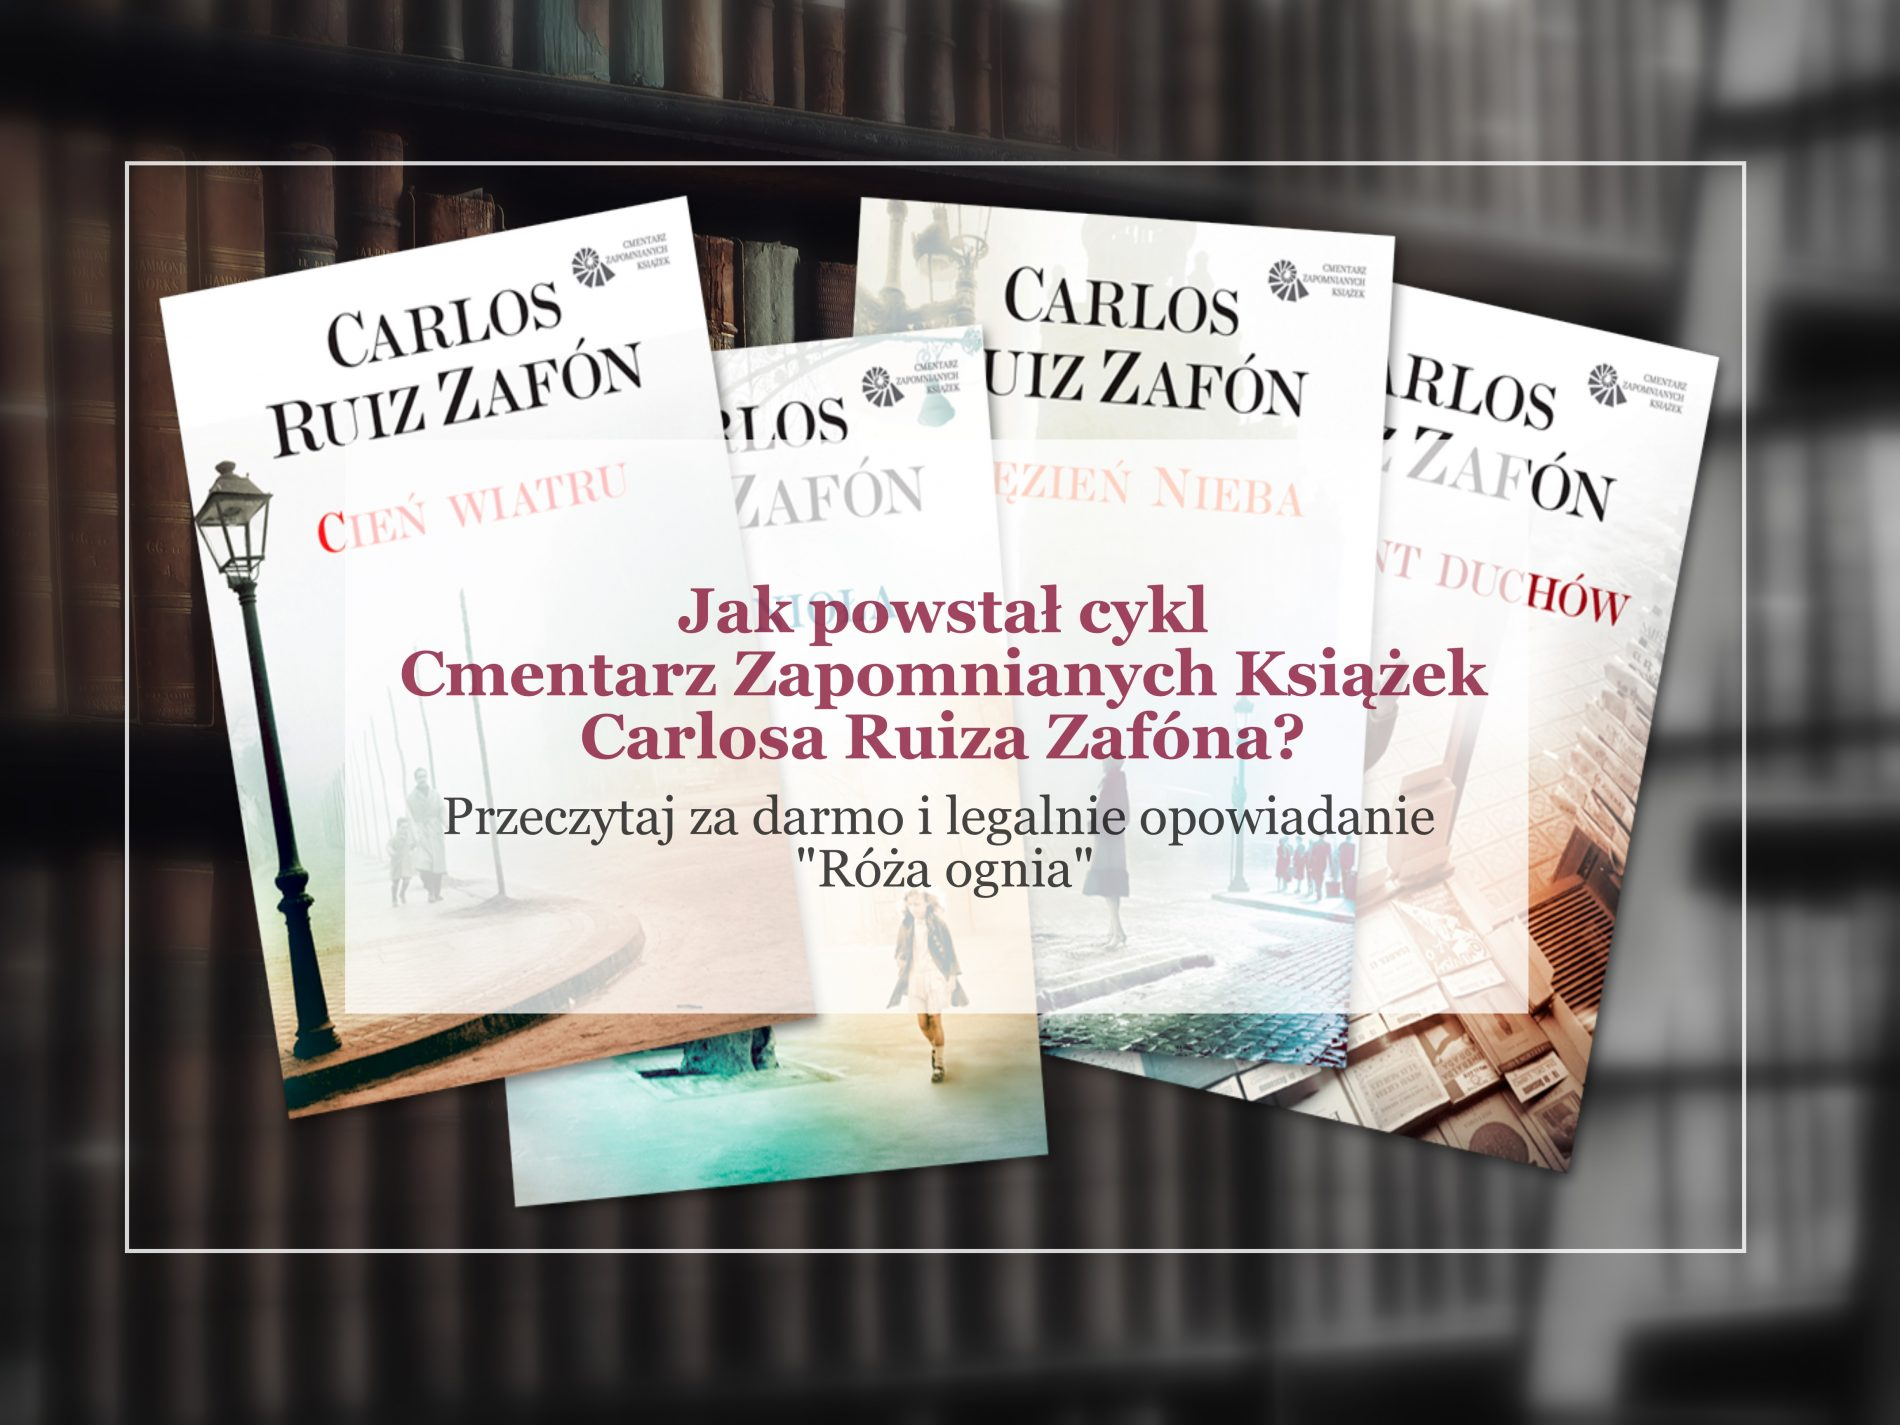 powstal-cmentarz-zapomnianych-ksiazek-carlosa-ruiza-zafona